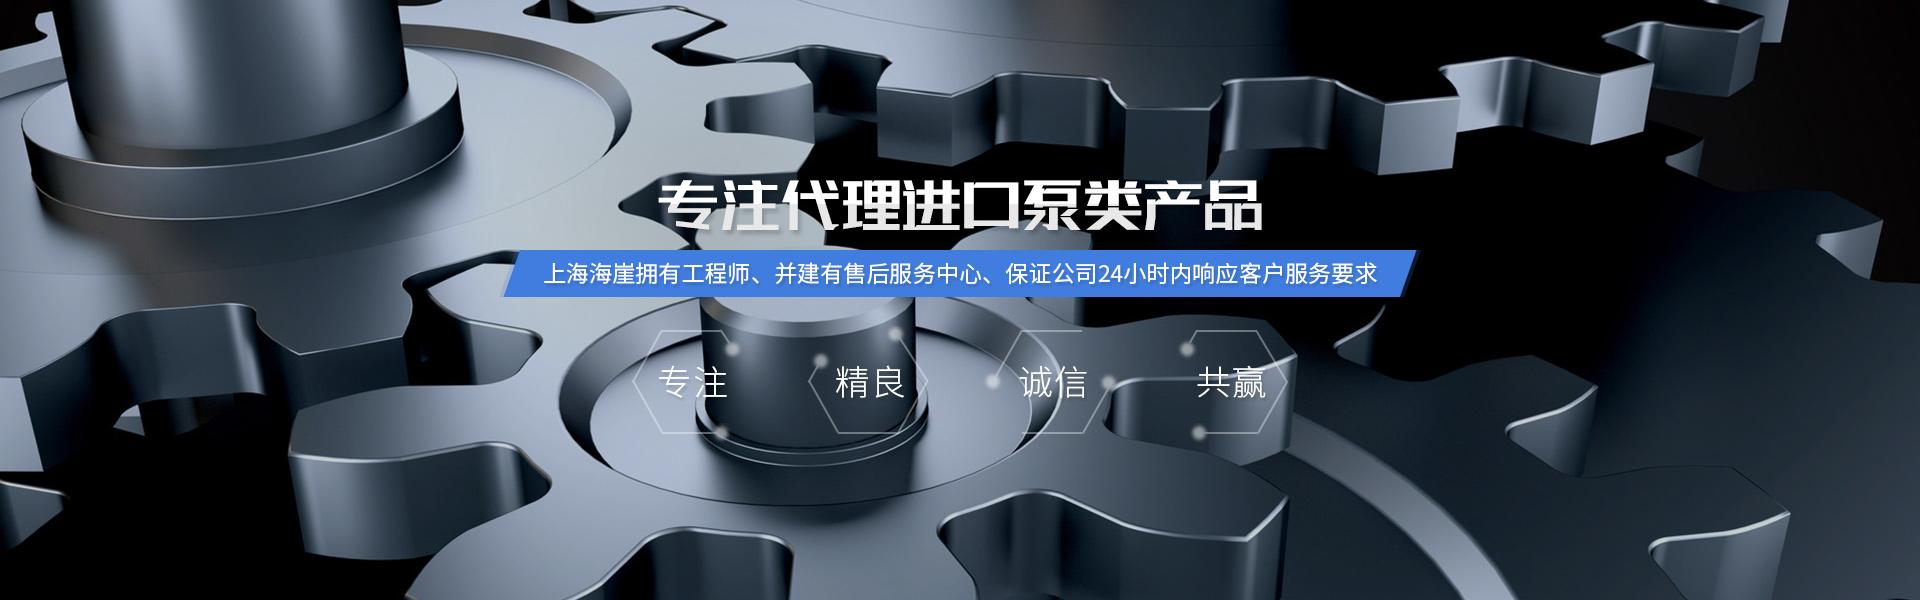 上海进口齿轮泵